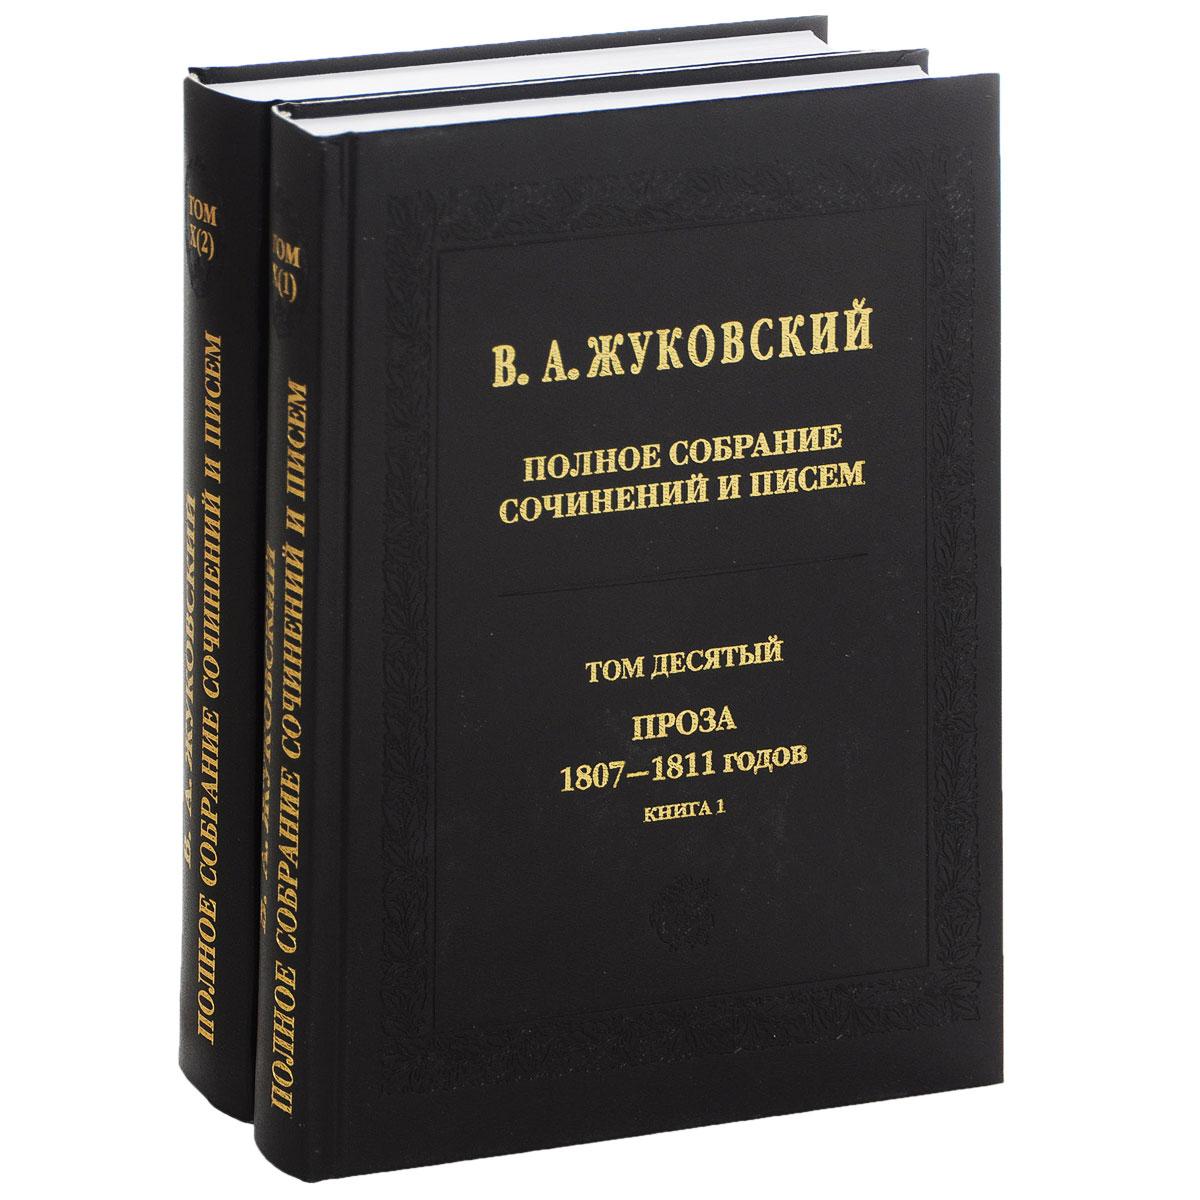 цена В. А. Жуковский В. А. Жуковский. Полное собрание сочинений и писем в 20 томах. Том 10 (комплект из 2 книг) онлайн в 2017 году